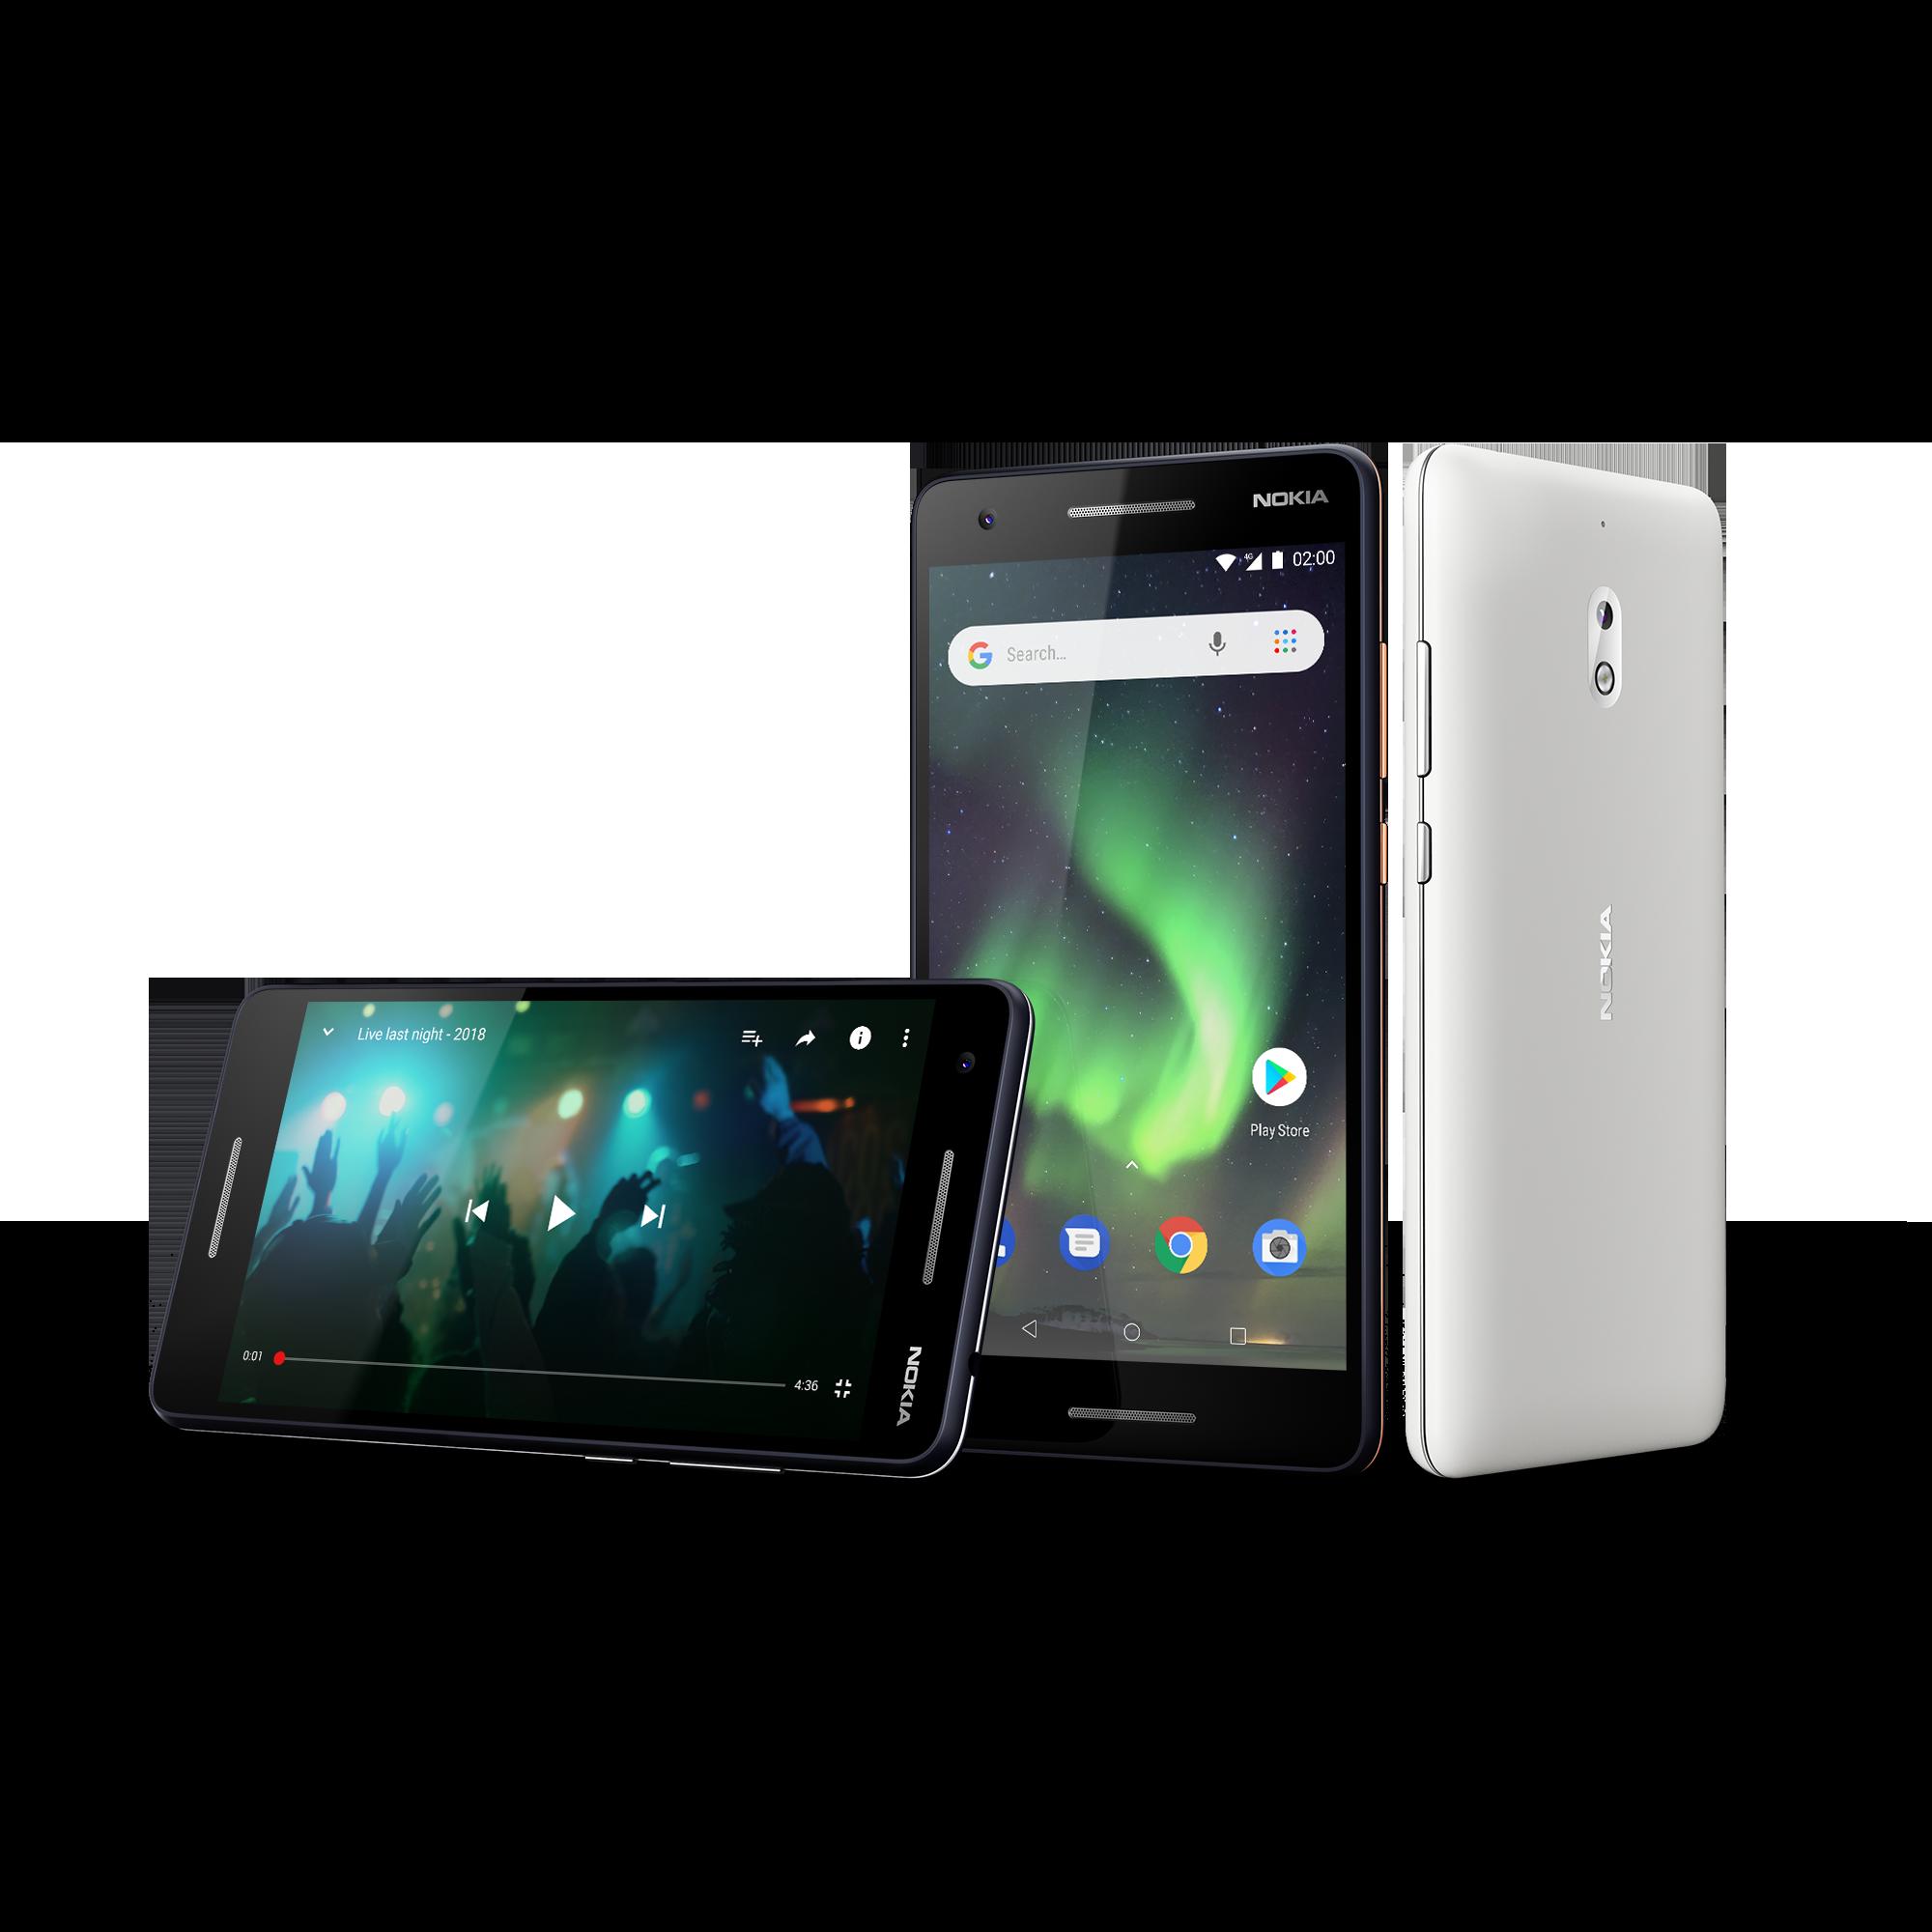 Nokia 2 er nest rimeligste smarttelefon i Nokia-utvalget. Litt oppgradert har den blitt siden fjorårets modell, og programvaren er Android Go.